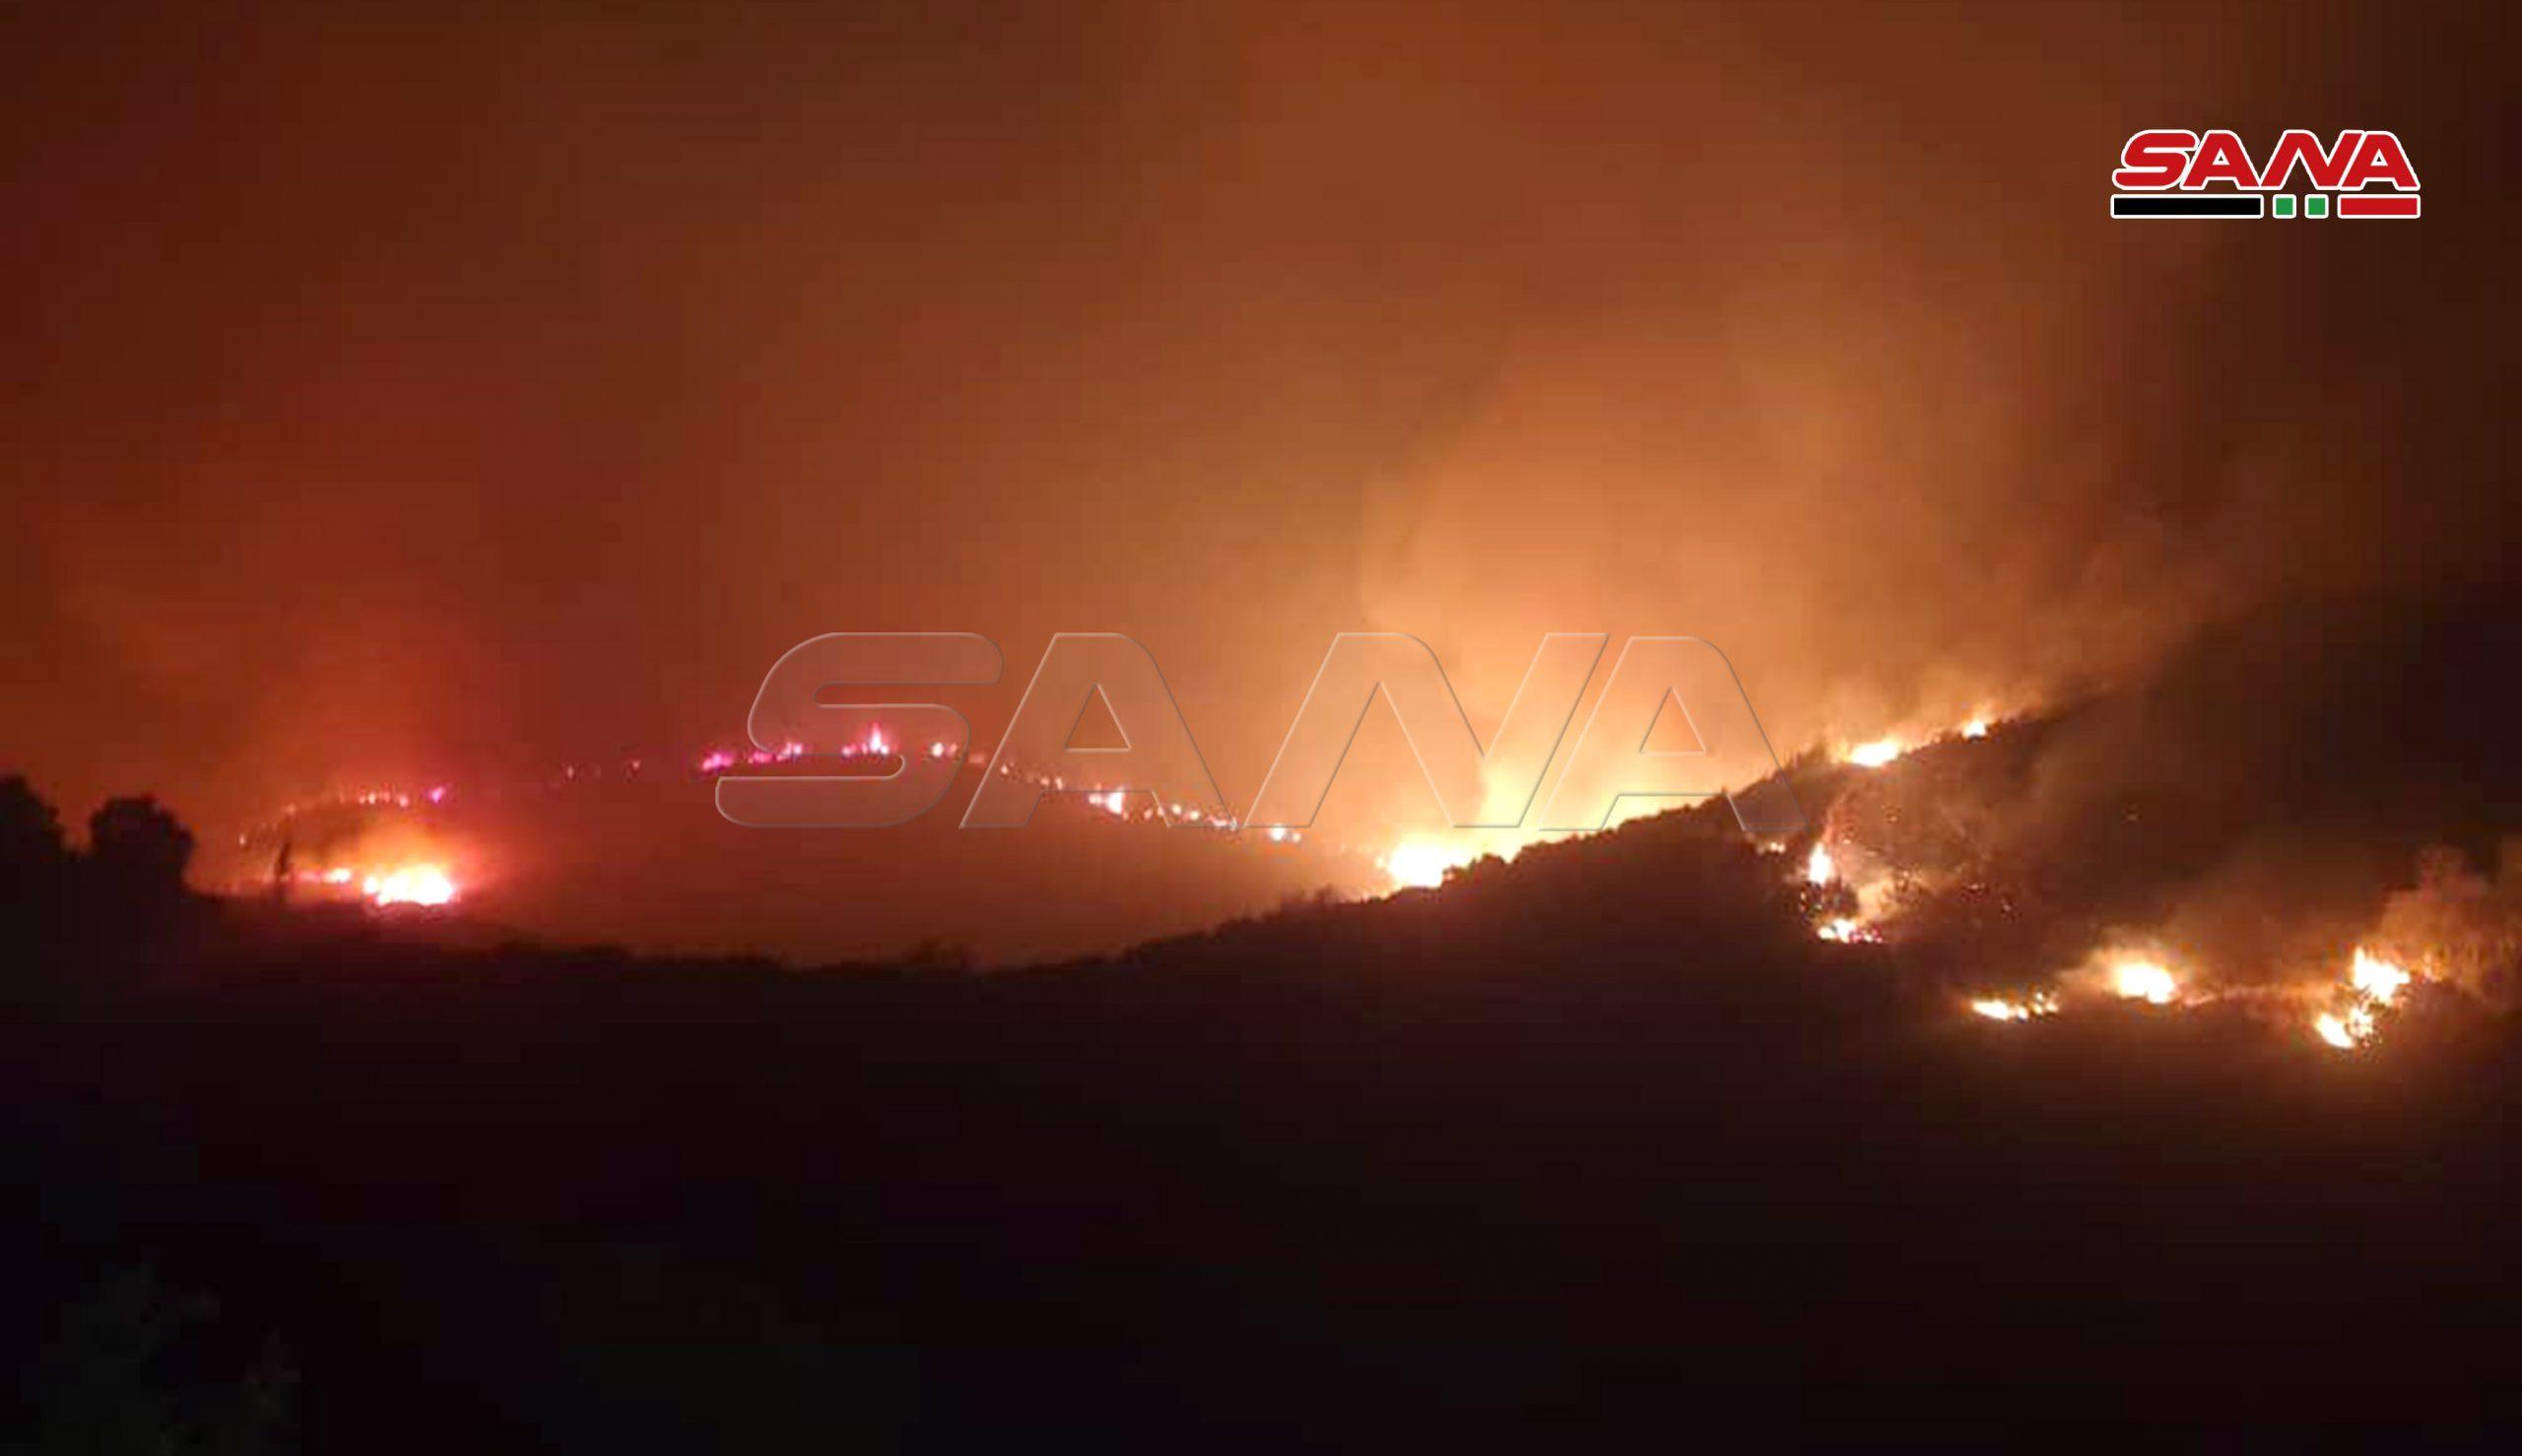 صورة تظهر الحرائق في منطقة مصياف السورية